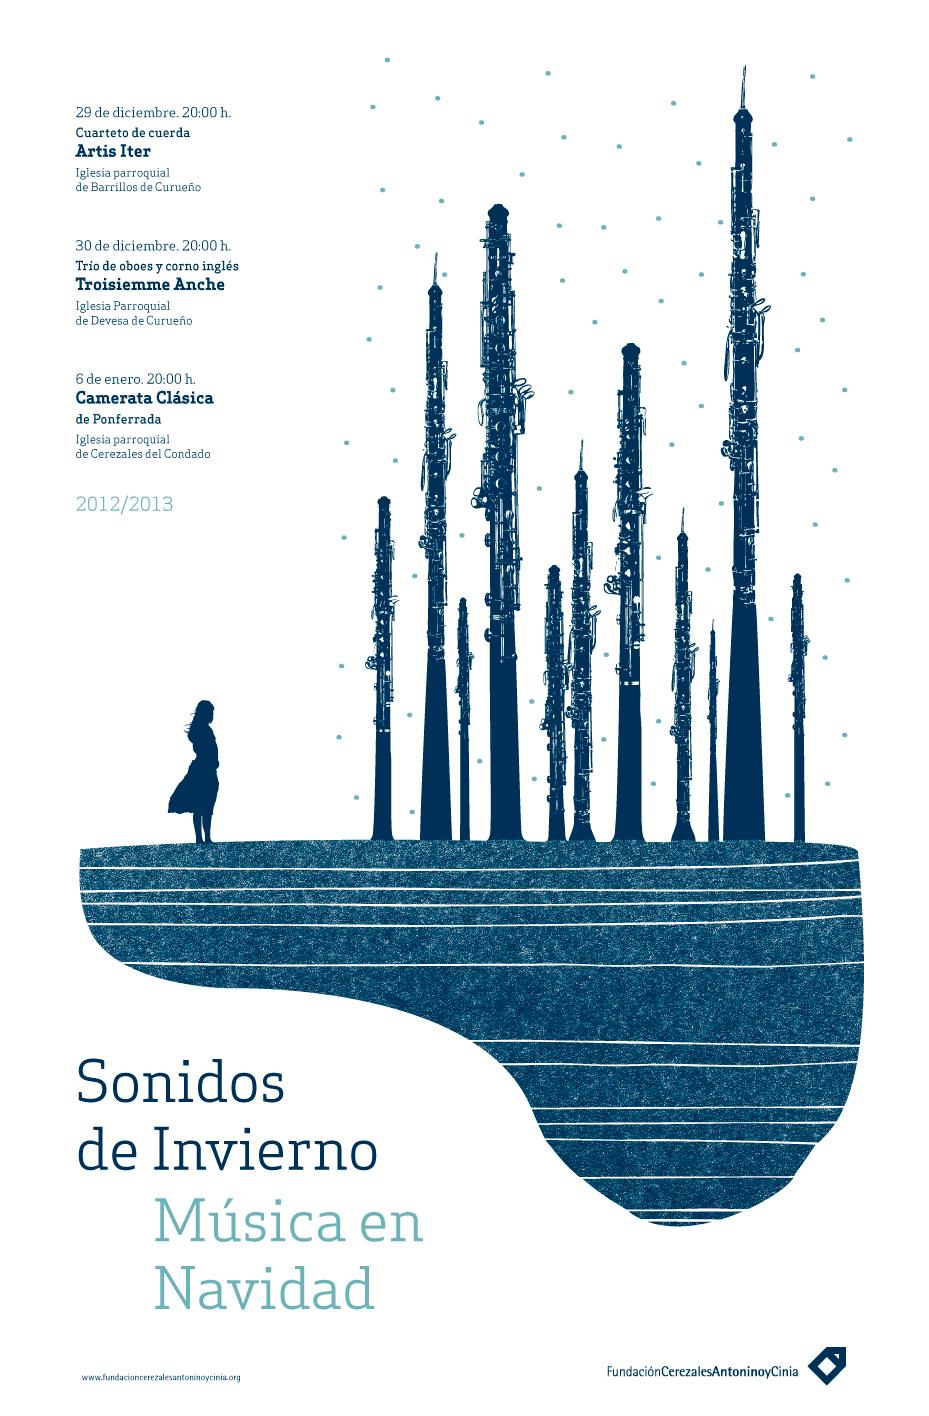 cartel-musica-navidad-sonidos-invierno-2012-fundacion-cerezales